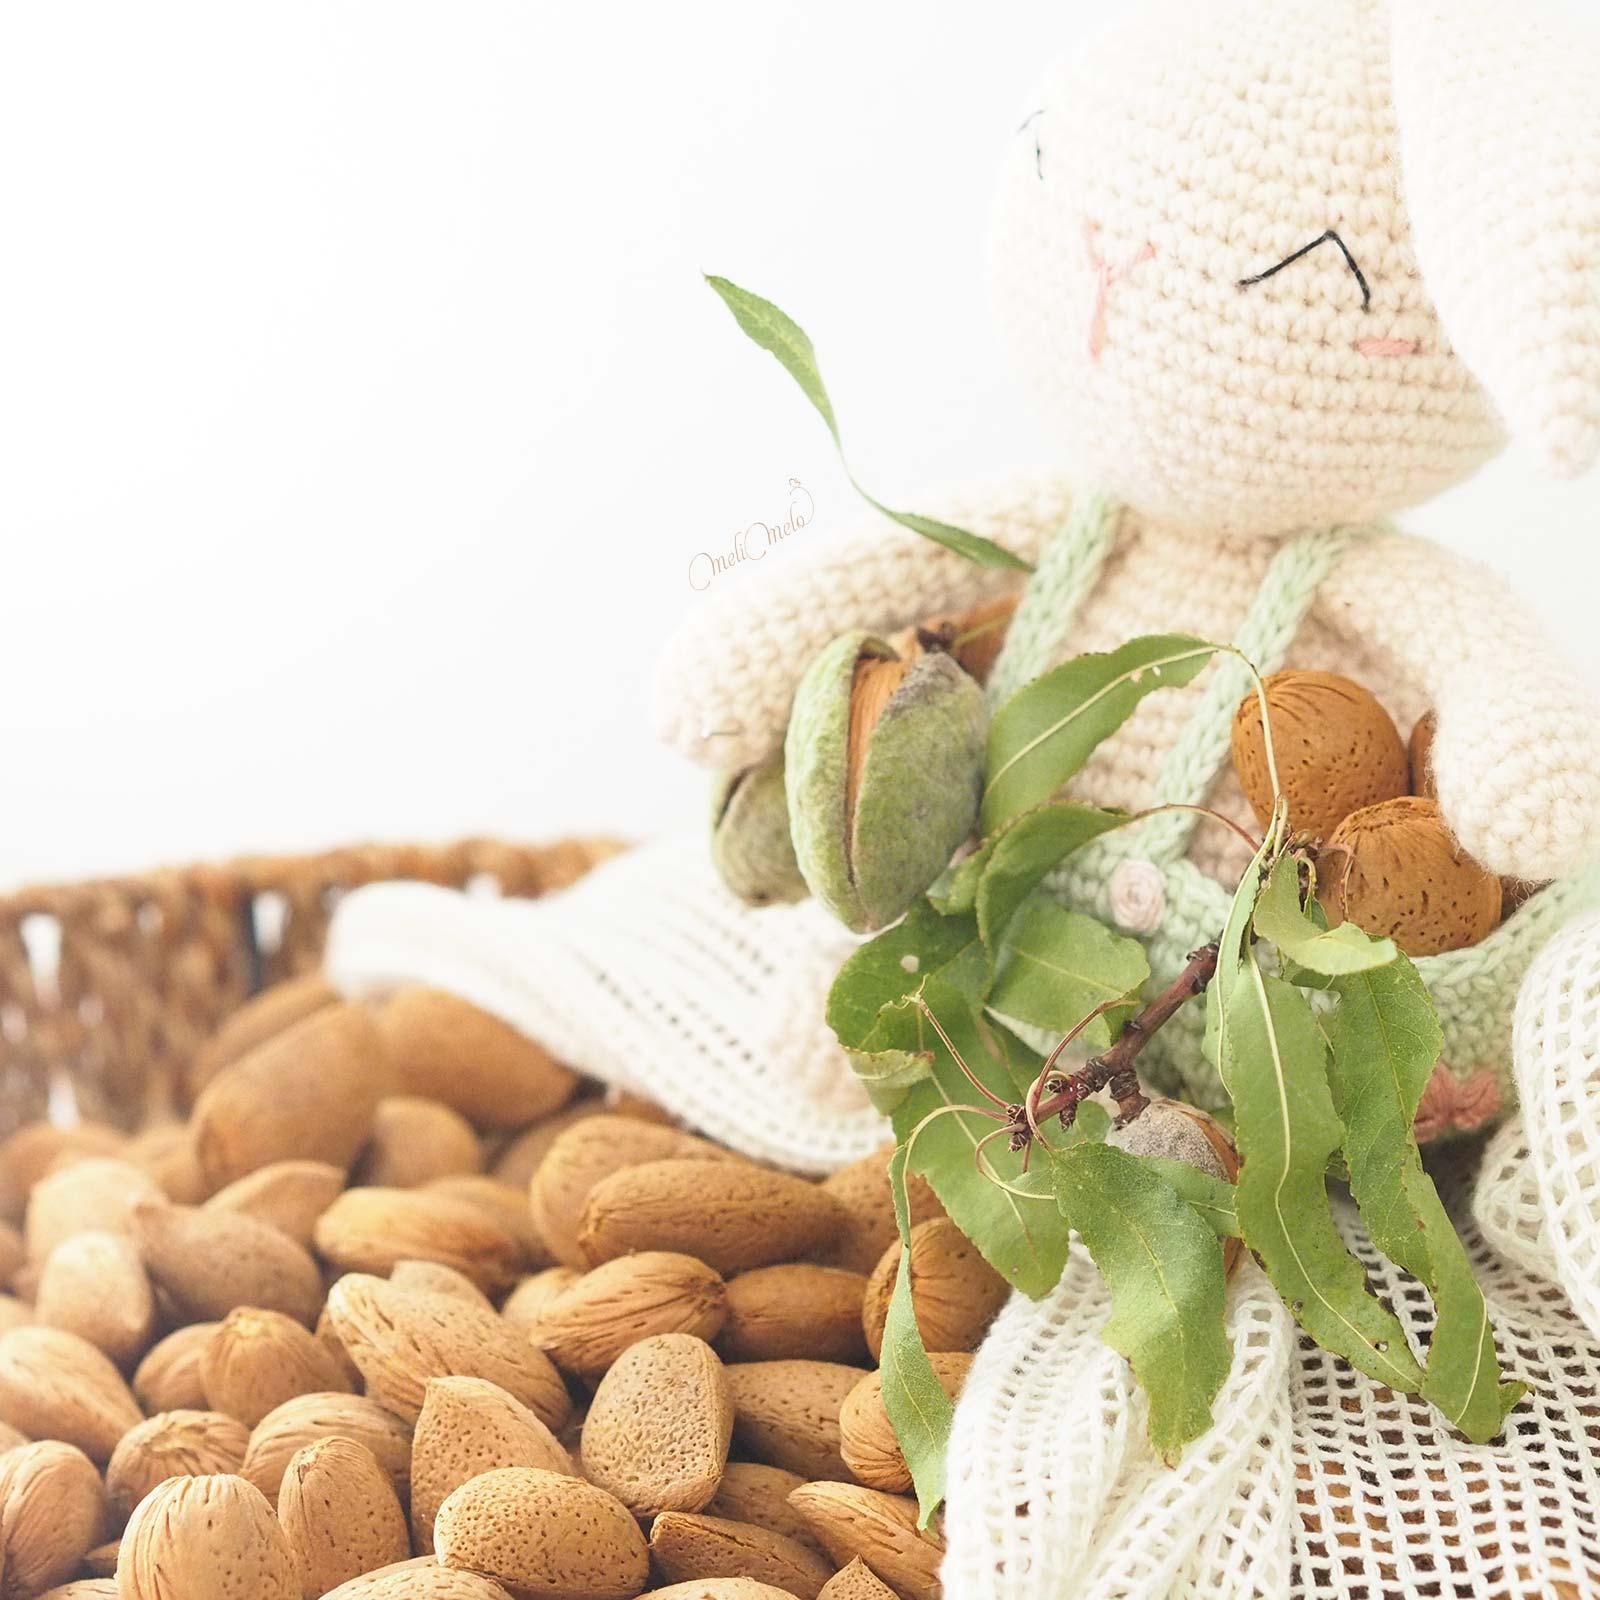 amande-fraiche-cueillette-septembre-crochet-lapin-amigurumi-laboutiquedemelimelo